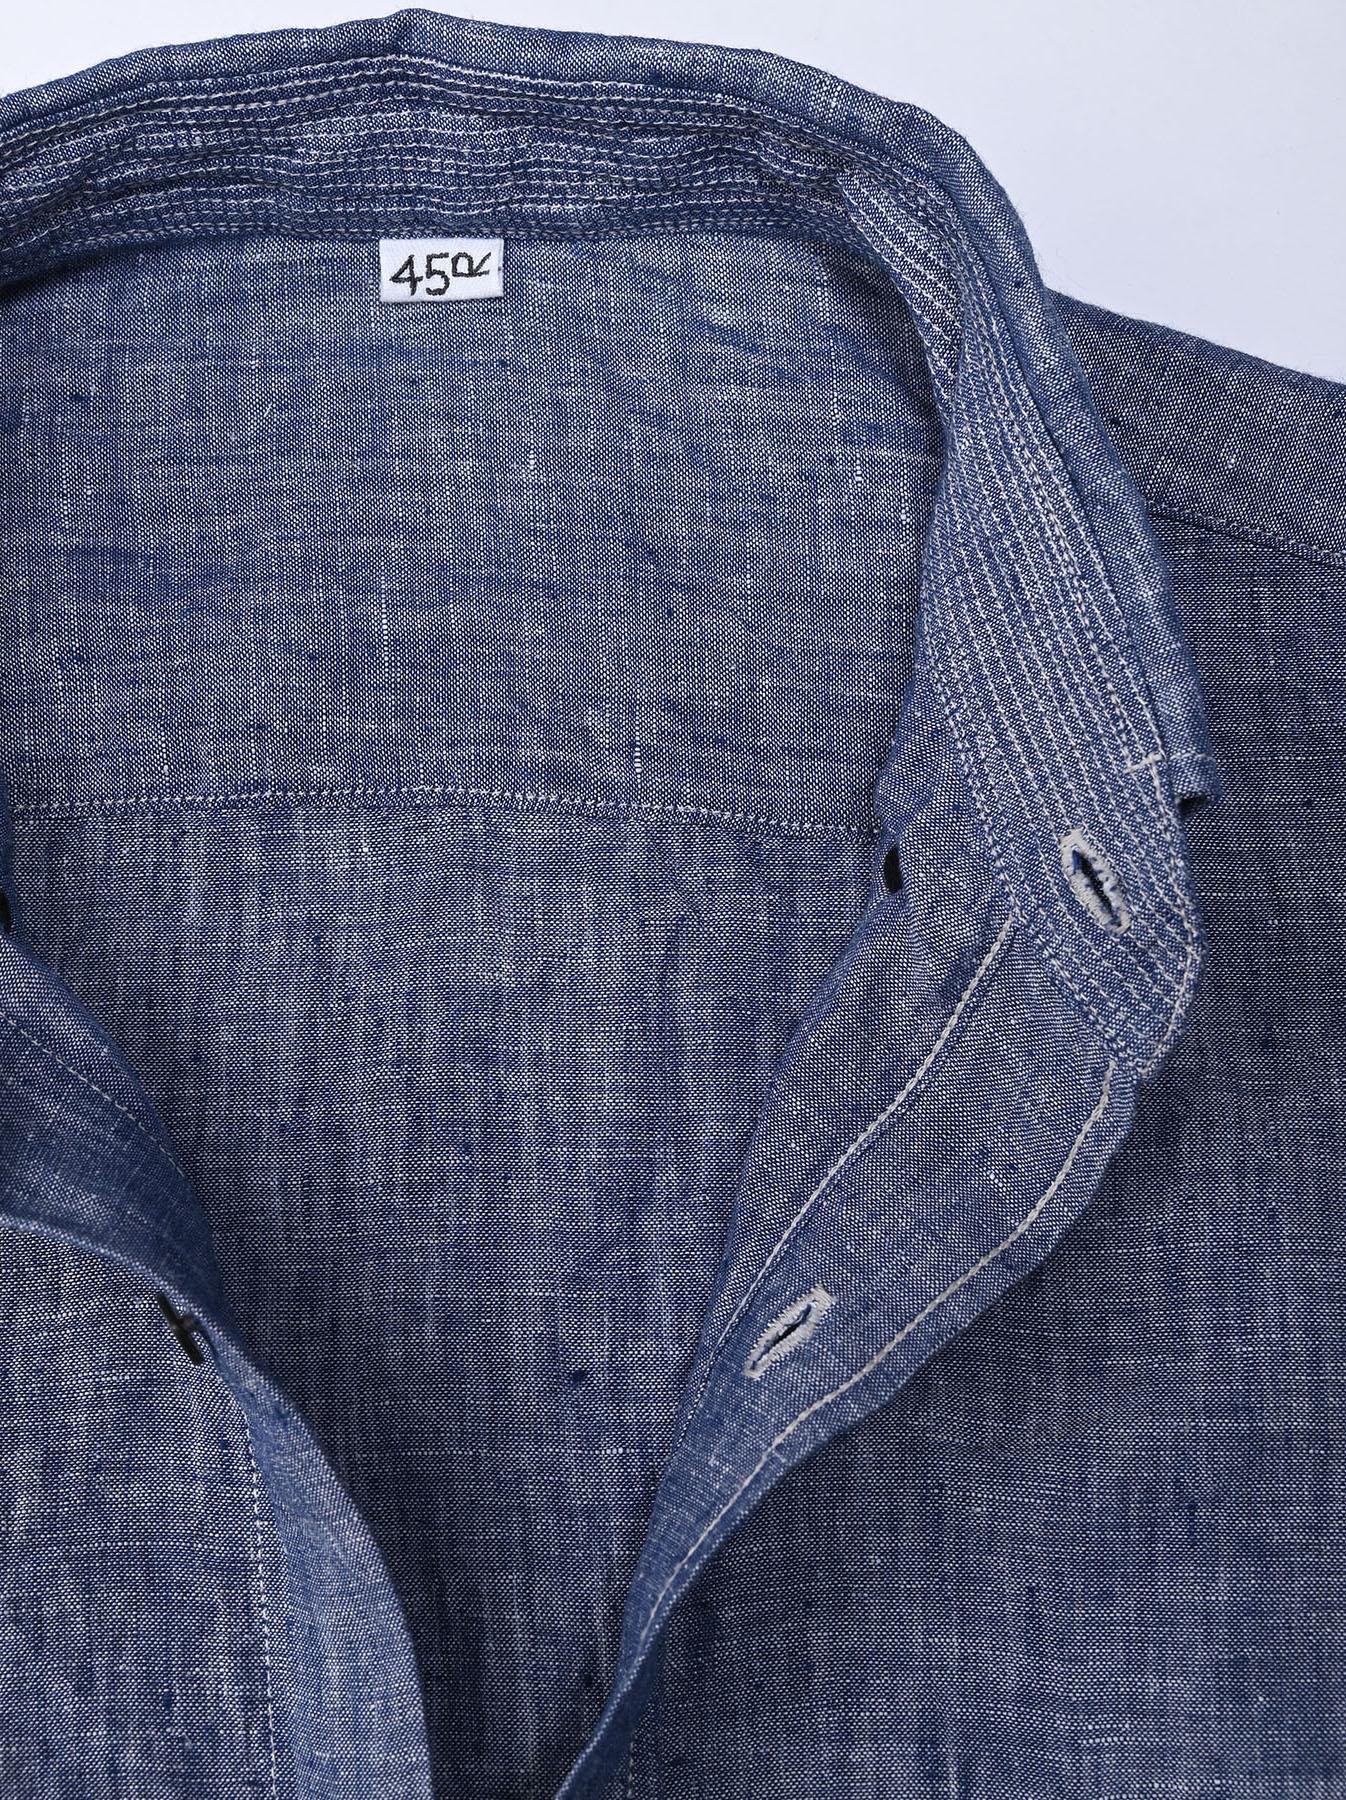 Indian Linen 908 Ocean Button Down Shirt (0421)-8